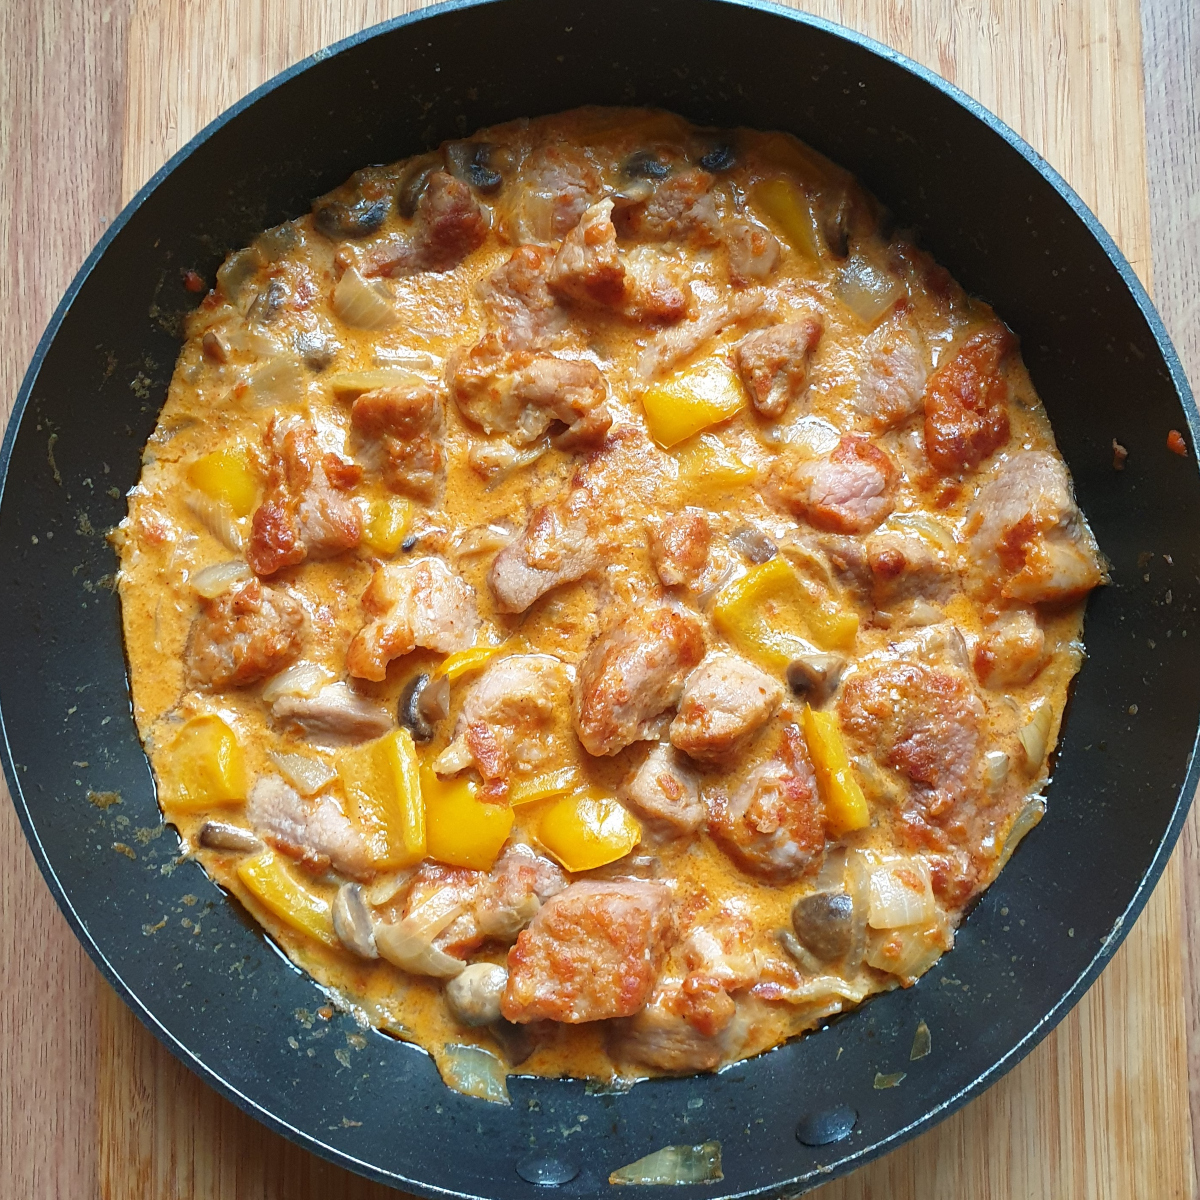 A pan of pork pieces in paprika sauce.